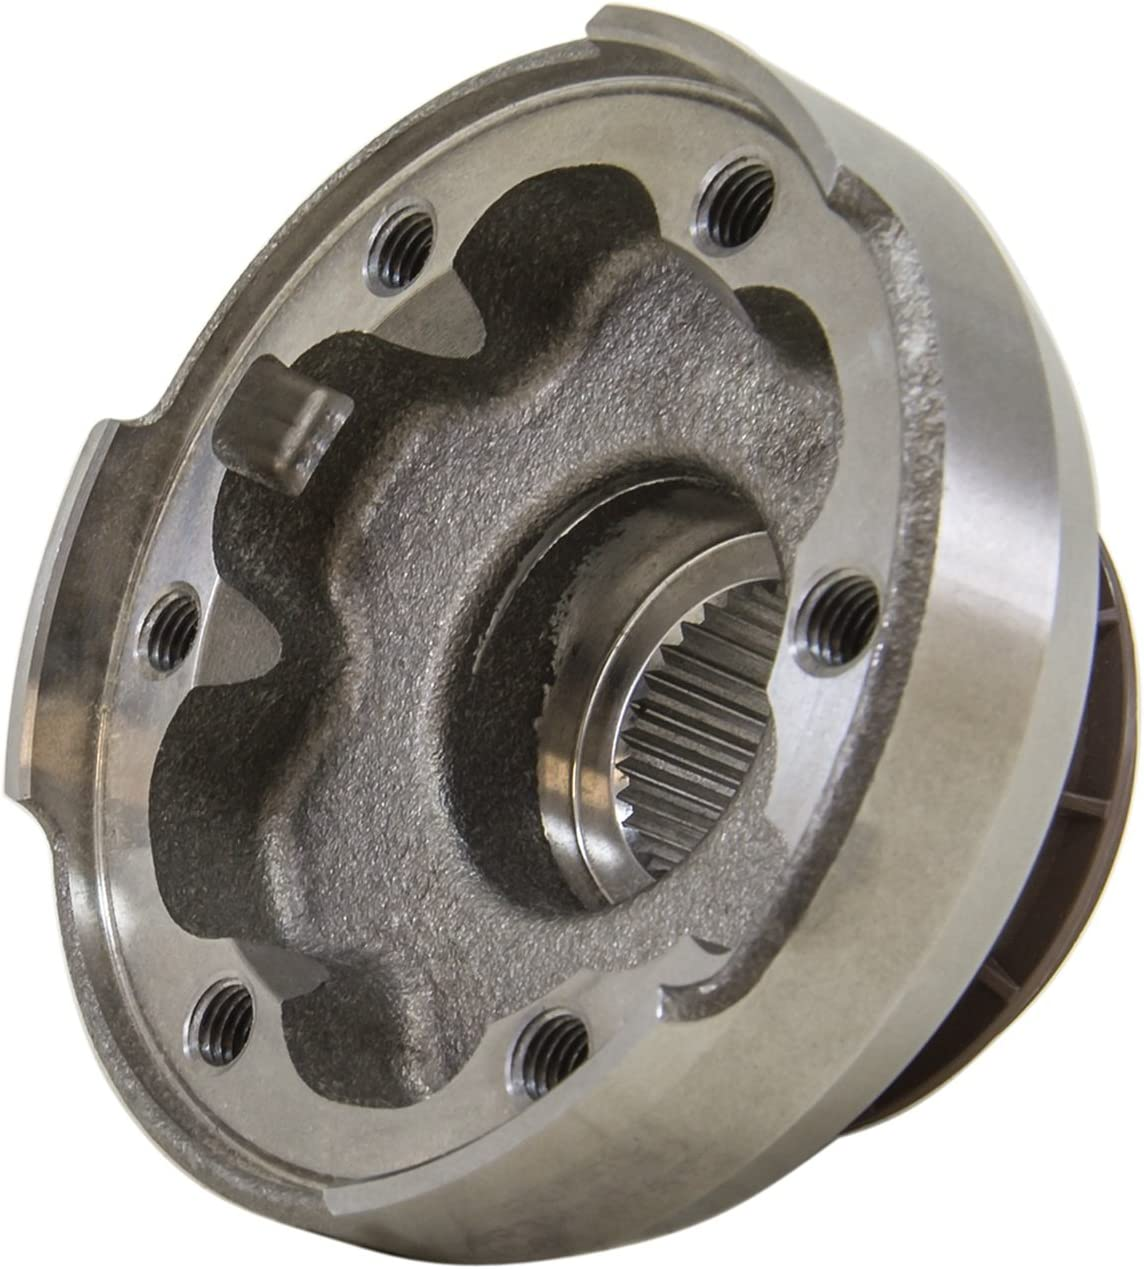 Yukon Gear /& Axle YY F880631 Differential Yokes /& Flanges